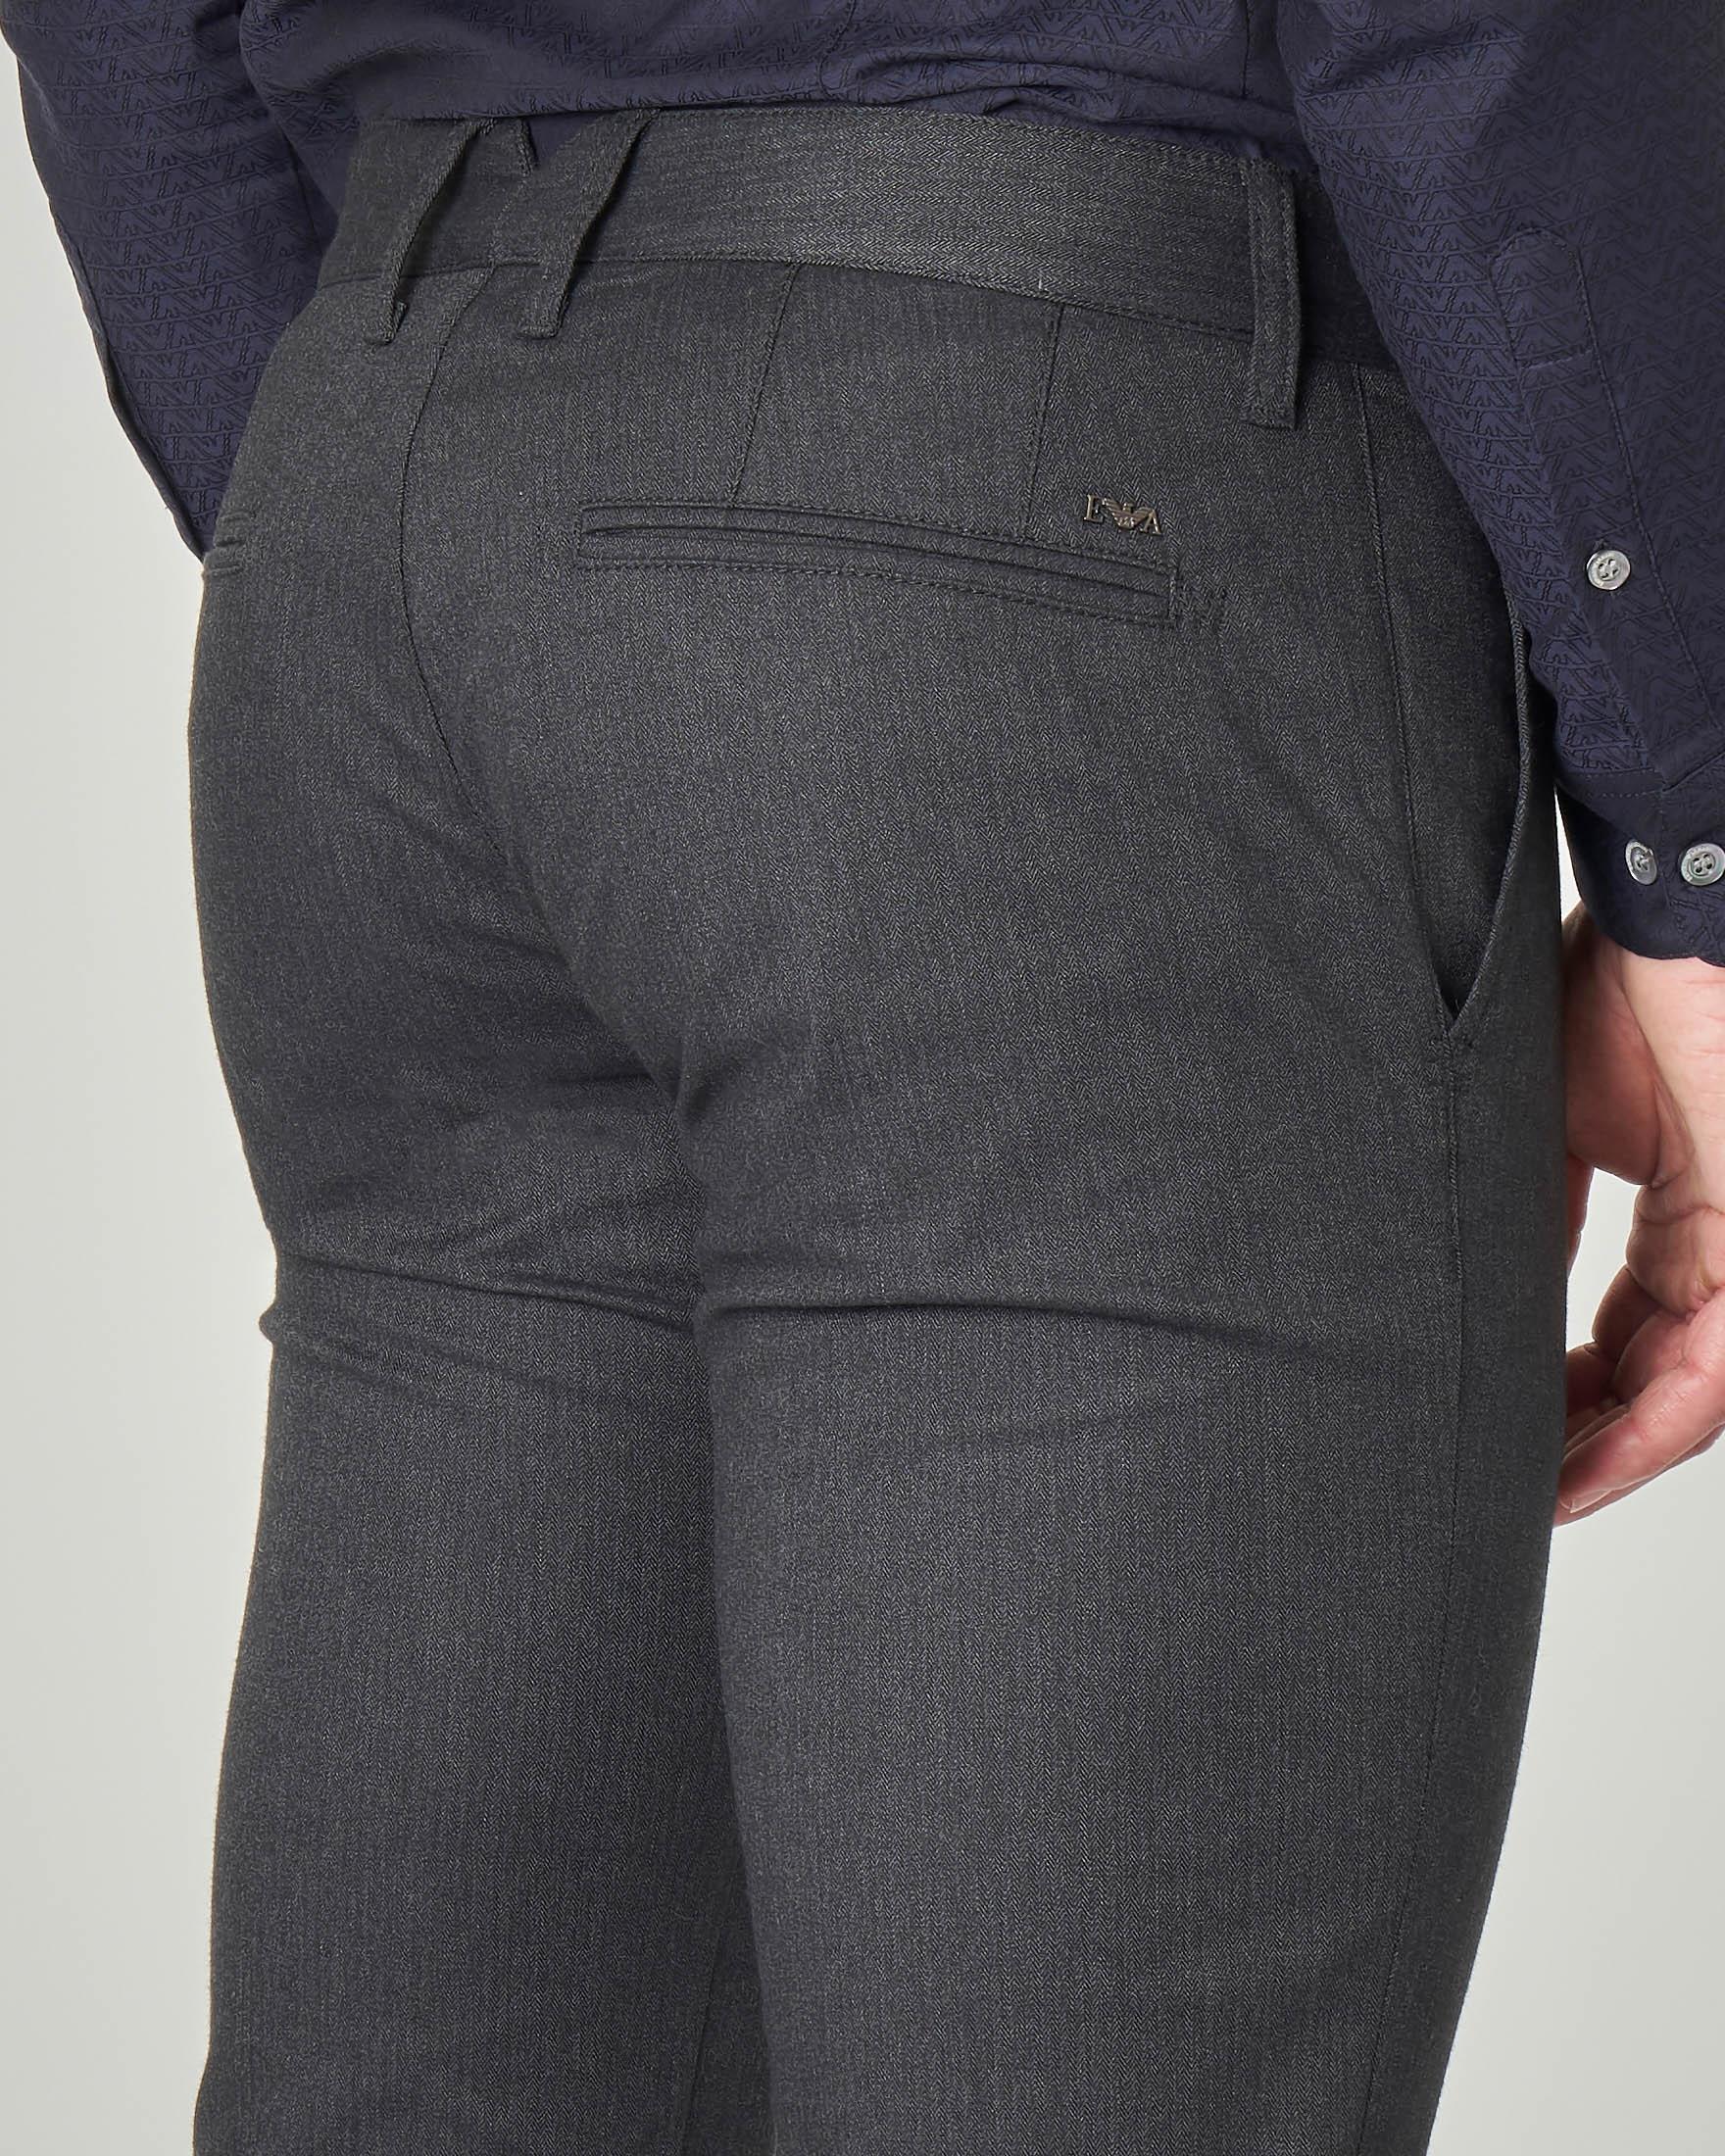 Pantalone chino tasca america grigio antracite